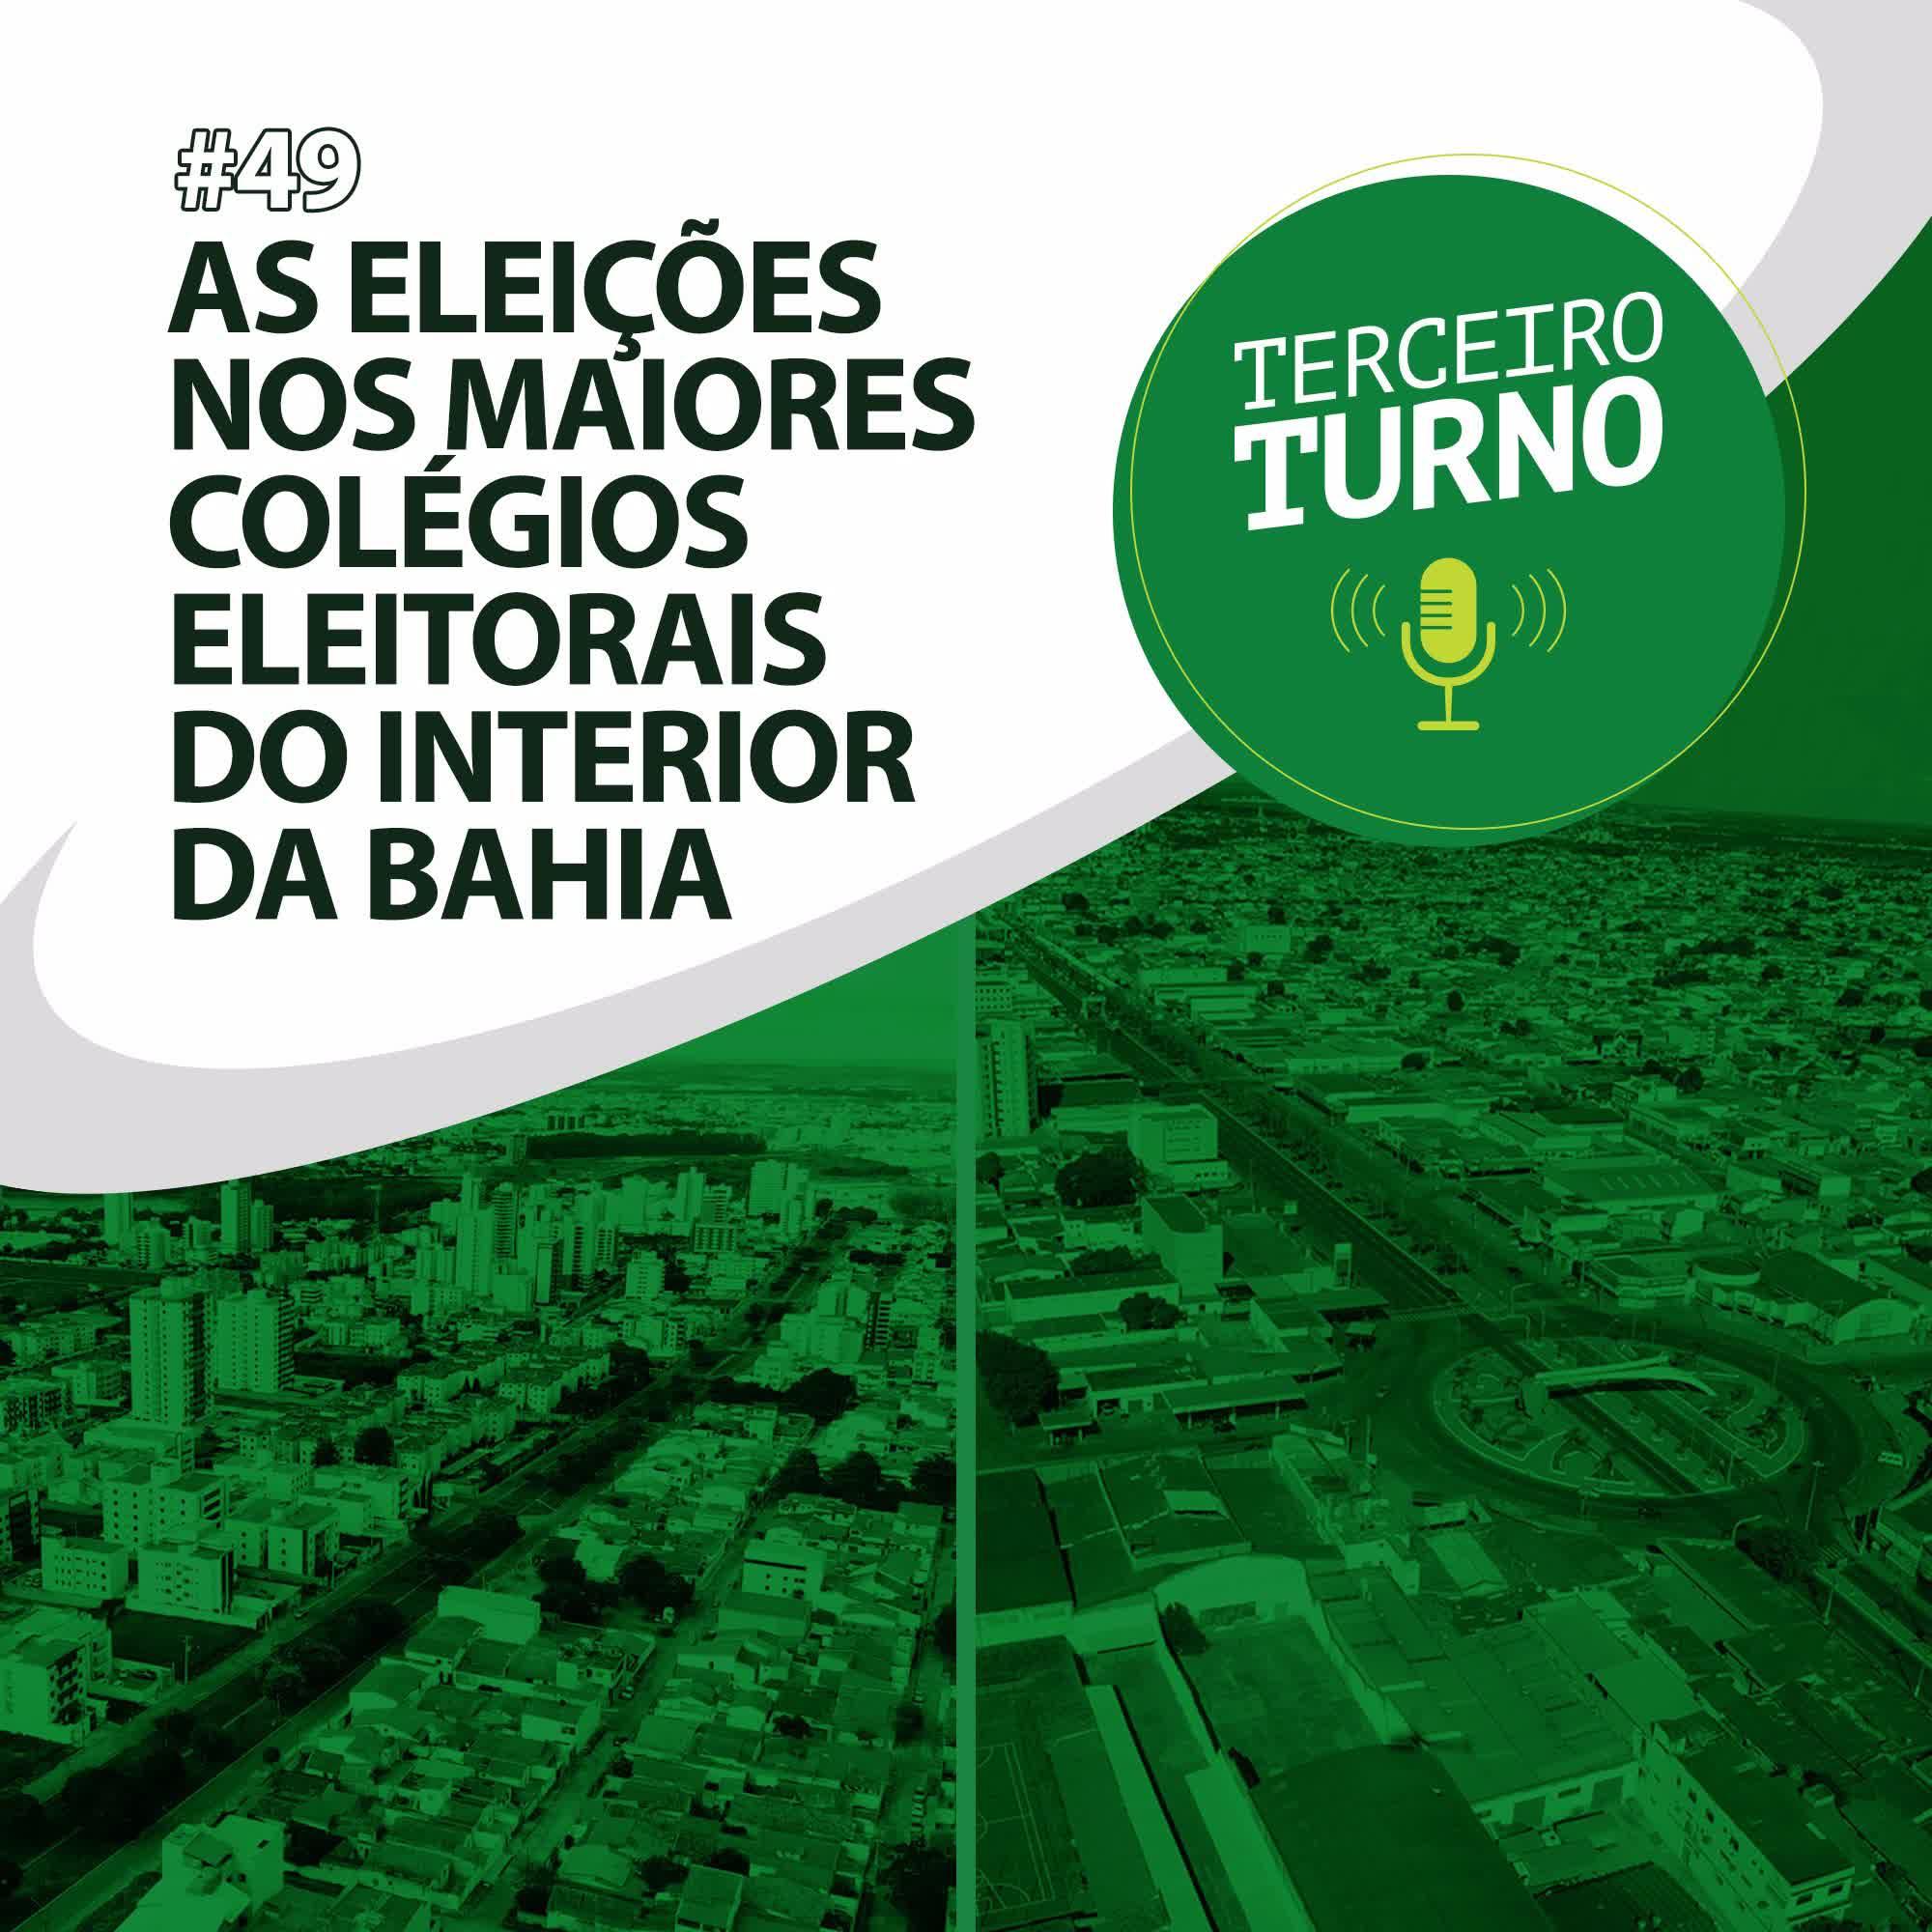 Terceiro Turno #49: As eleições nos maiores colégios eleitorais do interior da Bahia